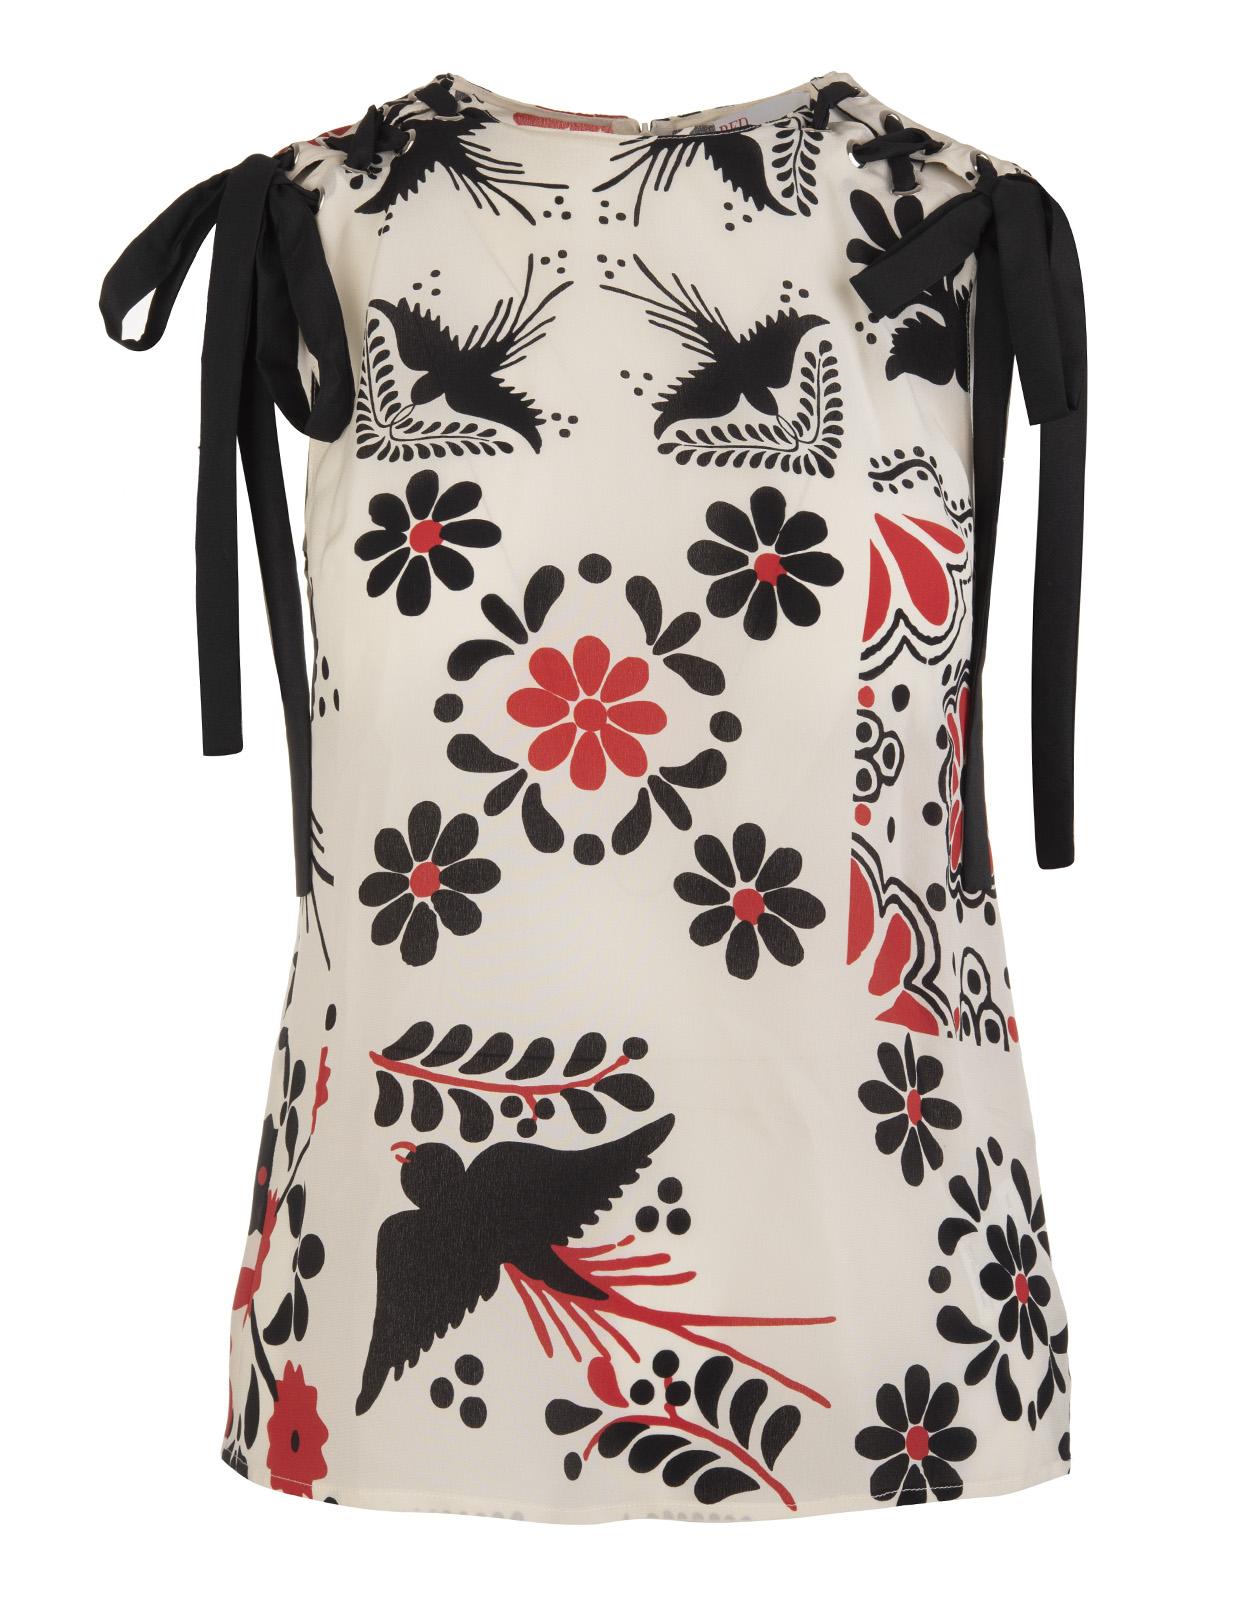 f775c4721e5 Terrazzo Decorato Print silk Top - RED VALENTINO - Russocapri